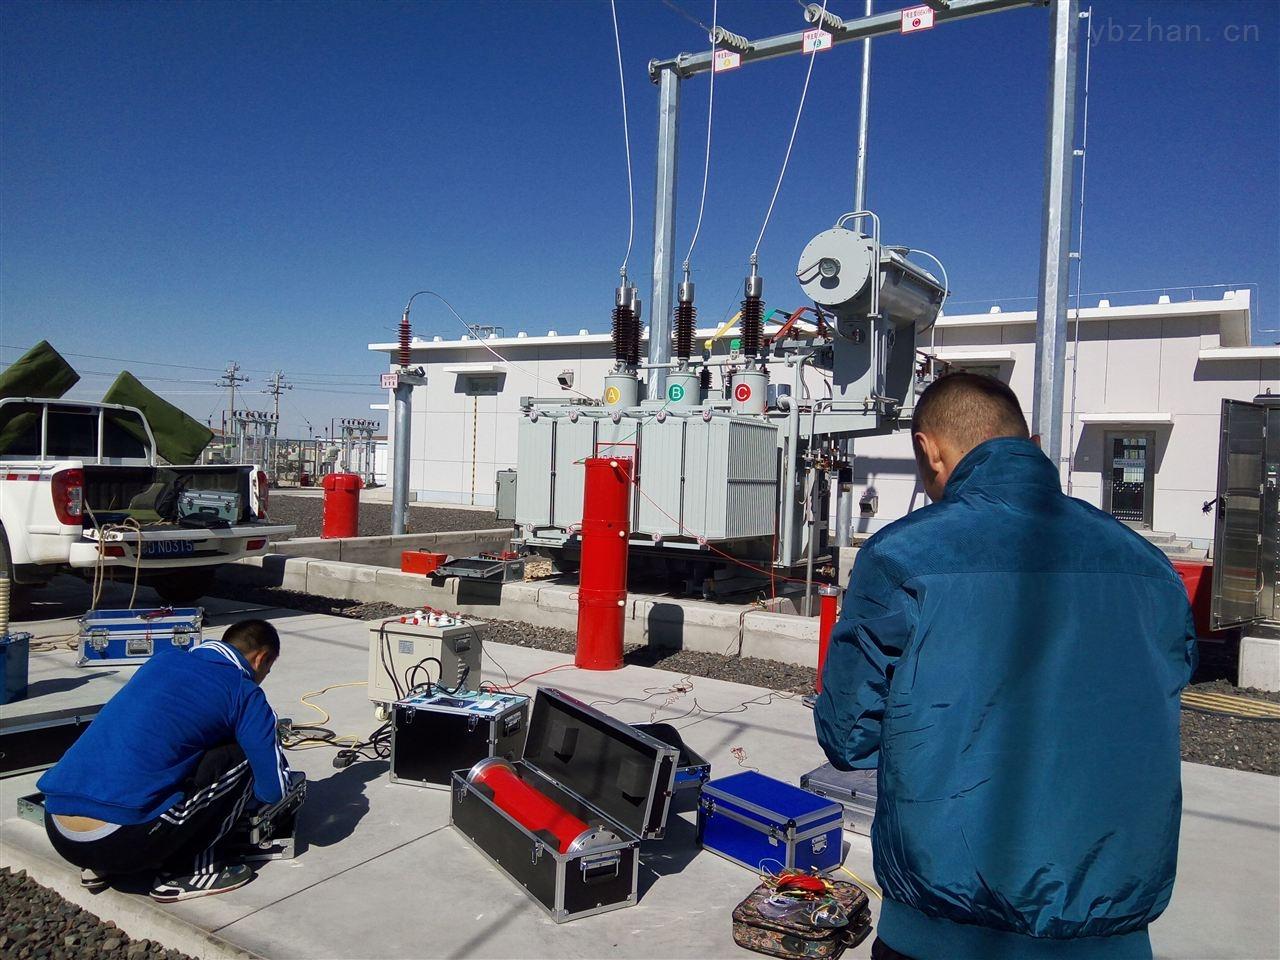 出租高压试验仪器设备,高压试验租赁厂家